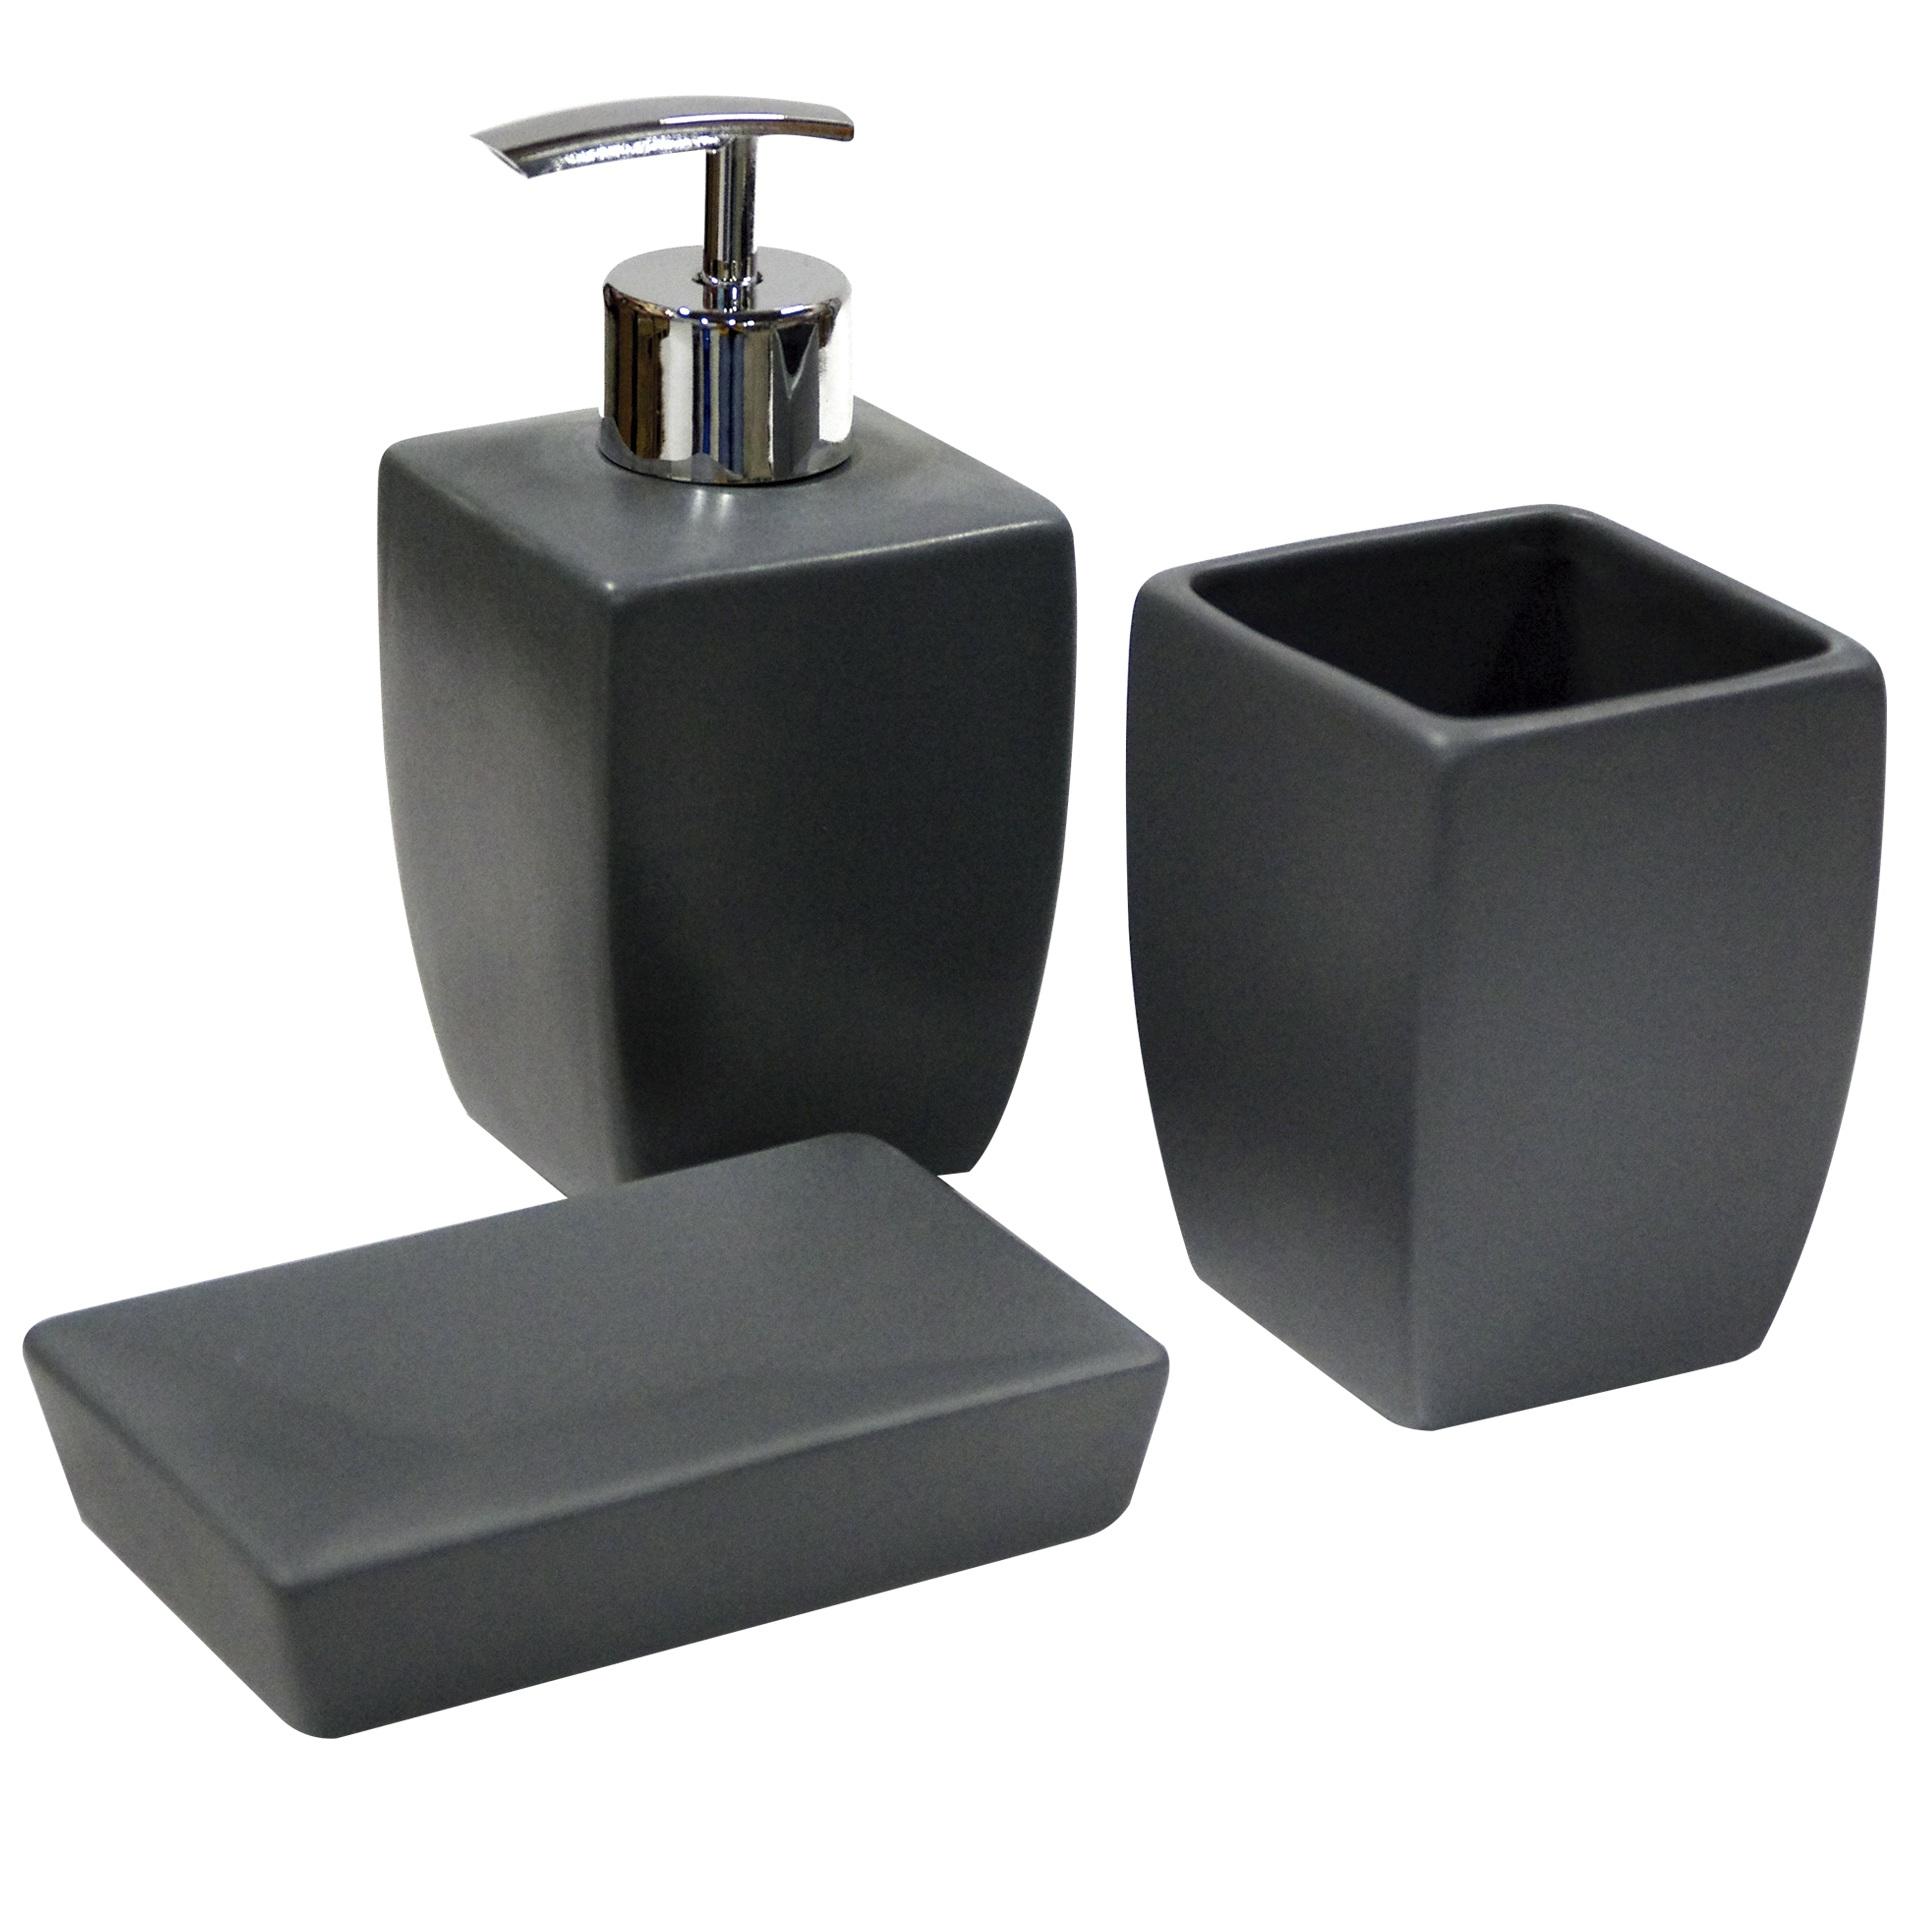 Meuble Salle De Bain Acheter ~ images gratuites table vase d coration vier meubles salle de